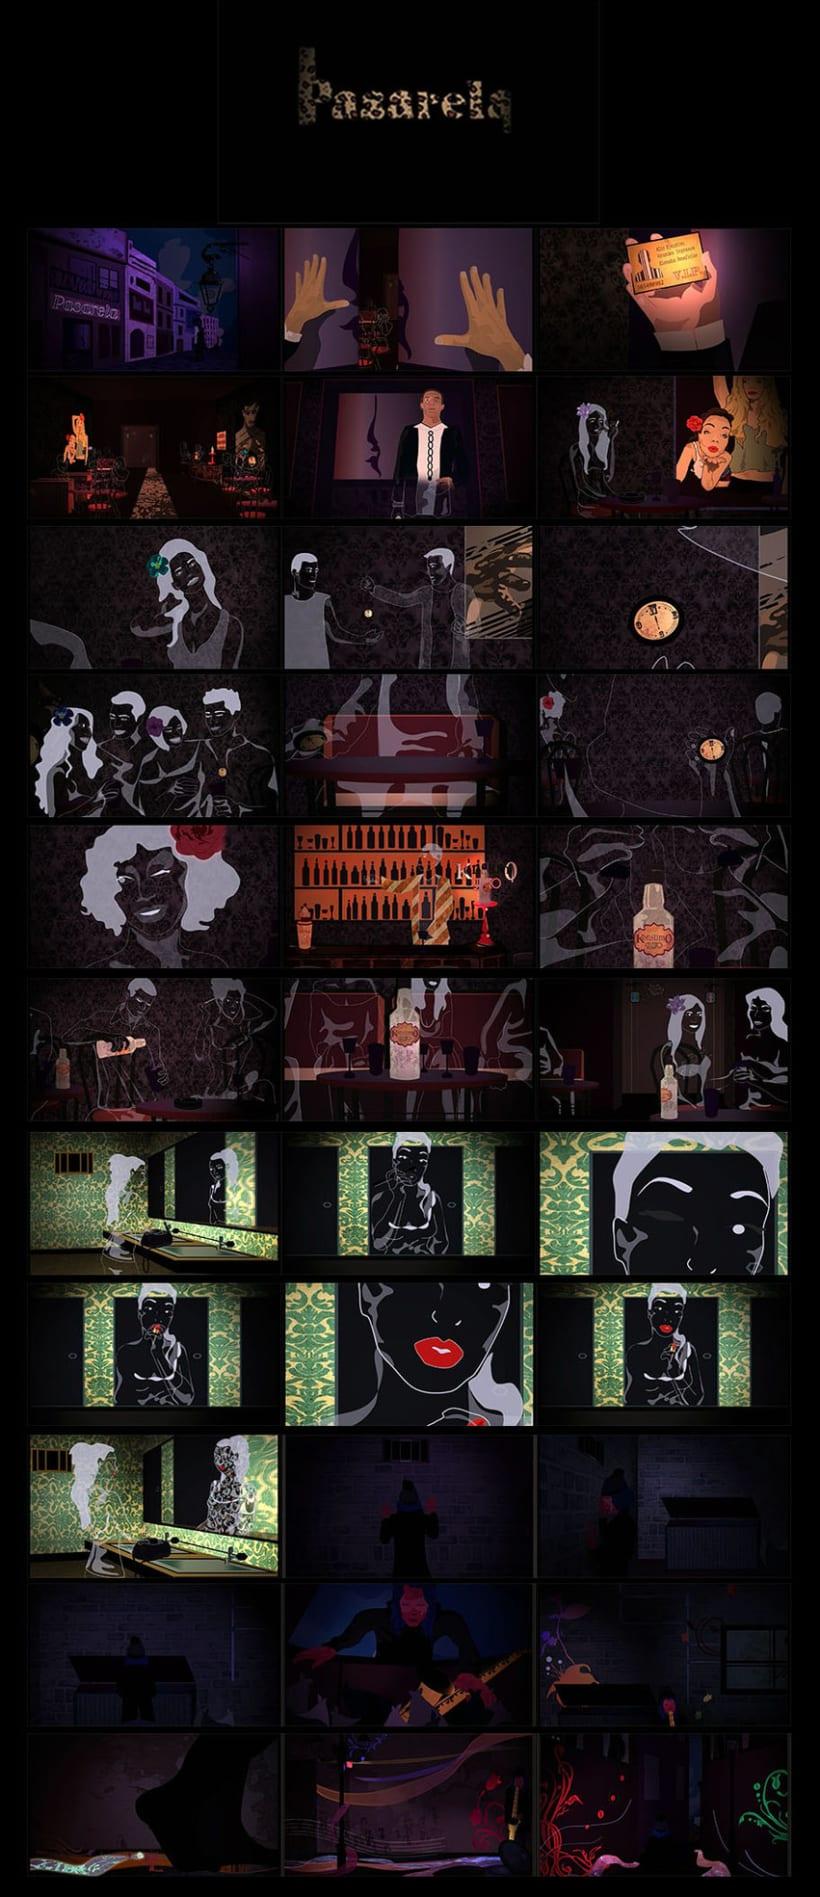 Storyboard/Fotogramas Finales de la animación Pasarela 1